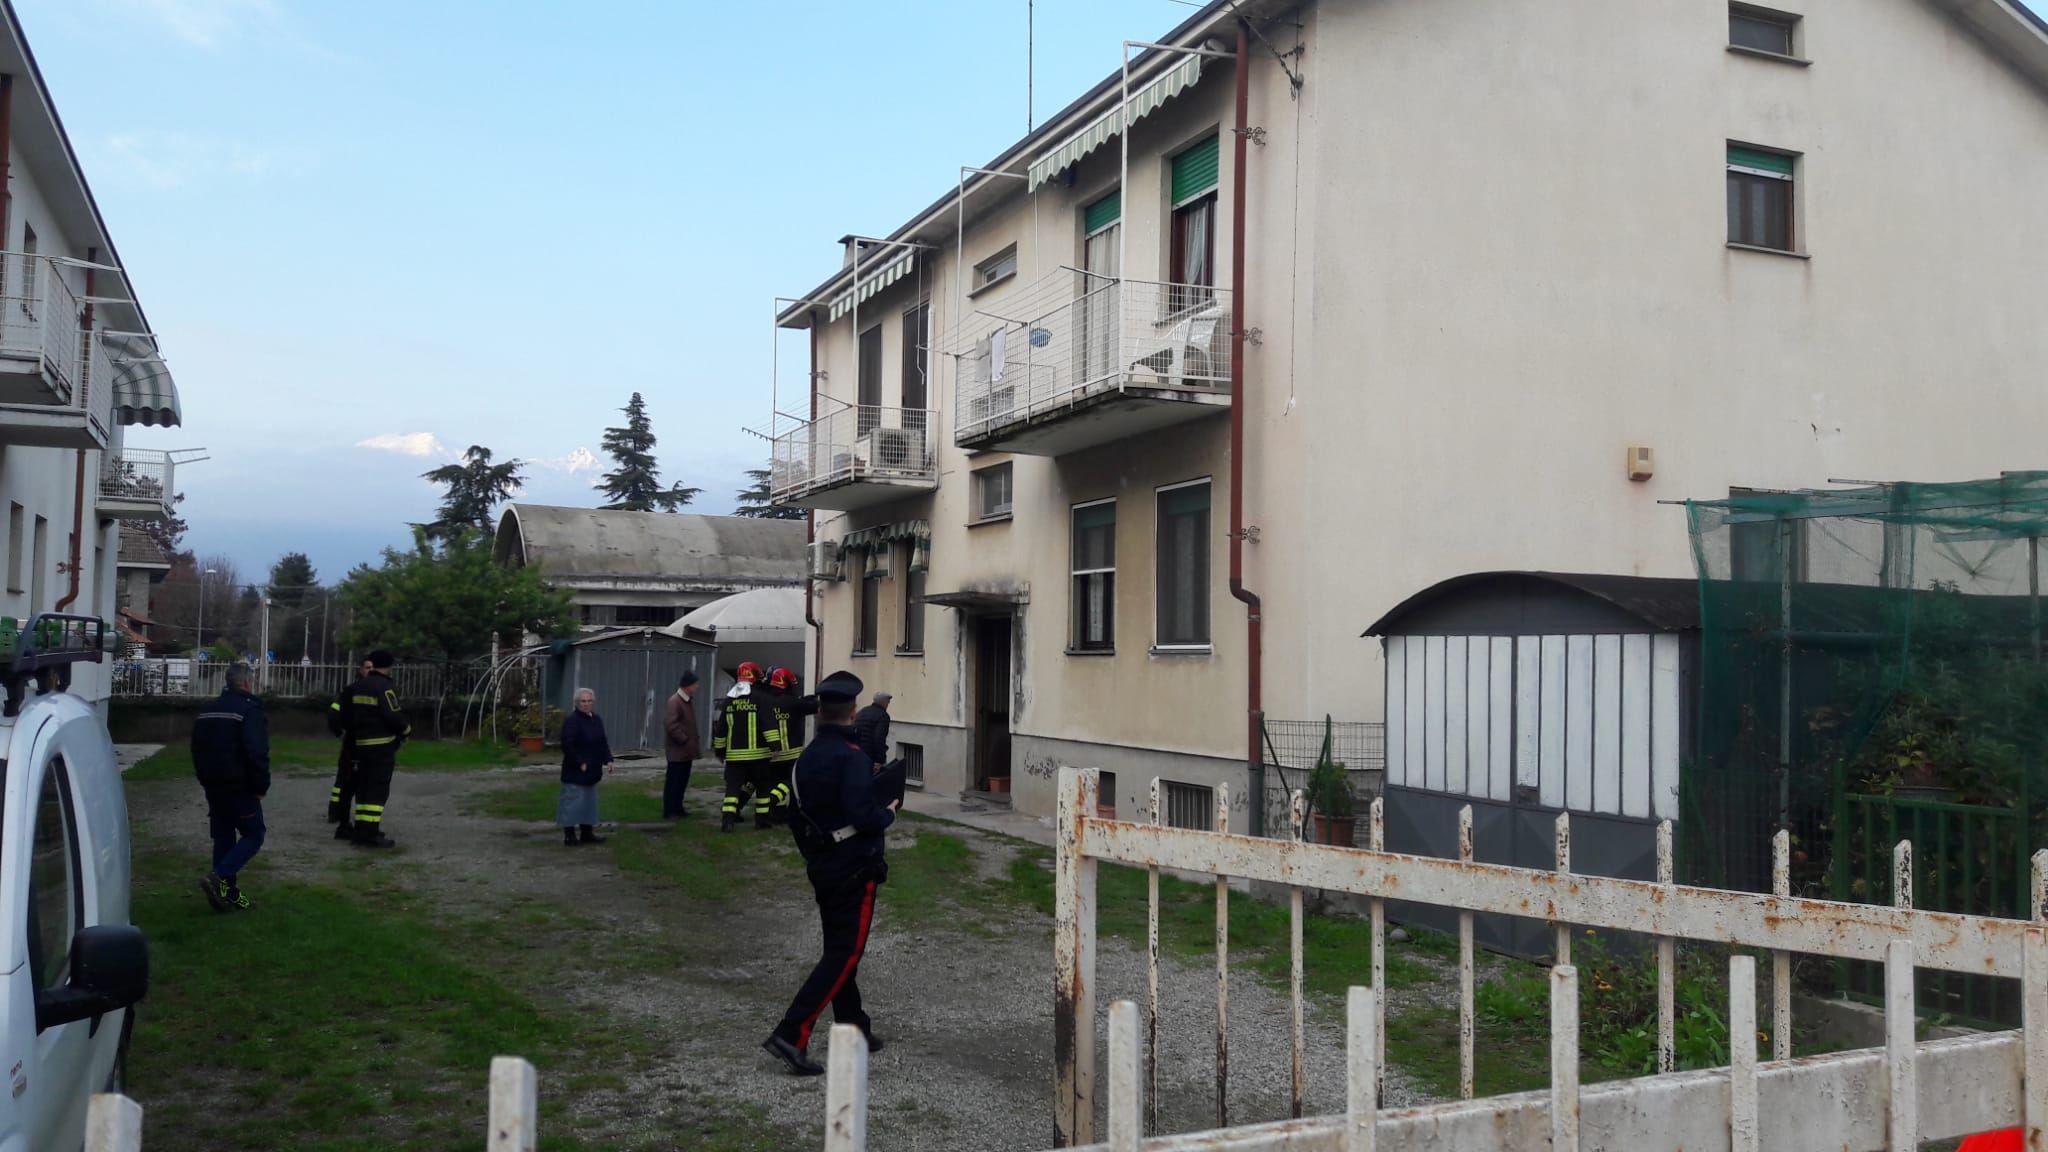 RIVAROLO - Un altro incendio nelle cantine di via Trieste - FOTO